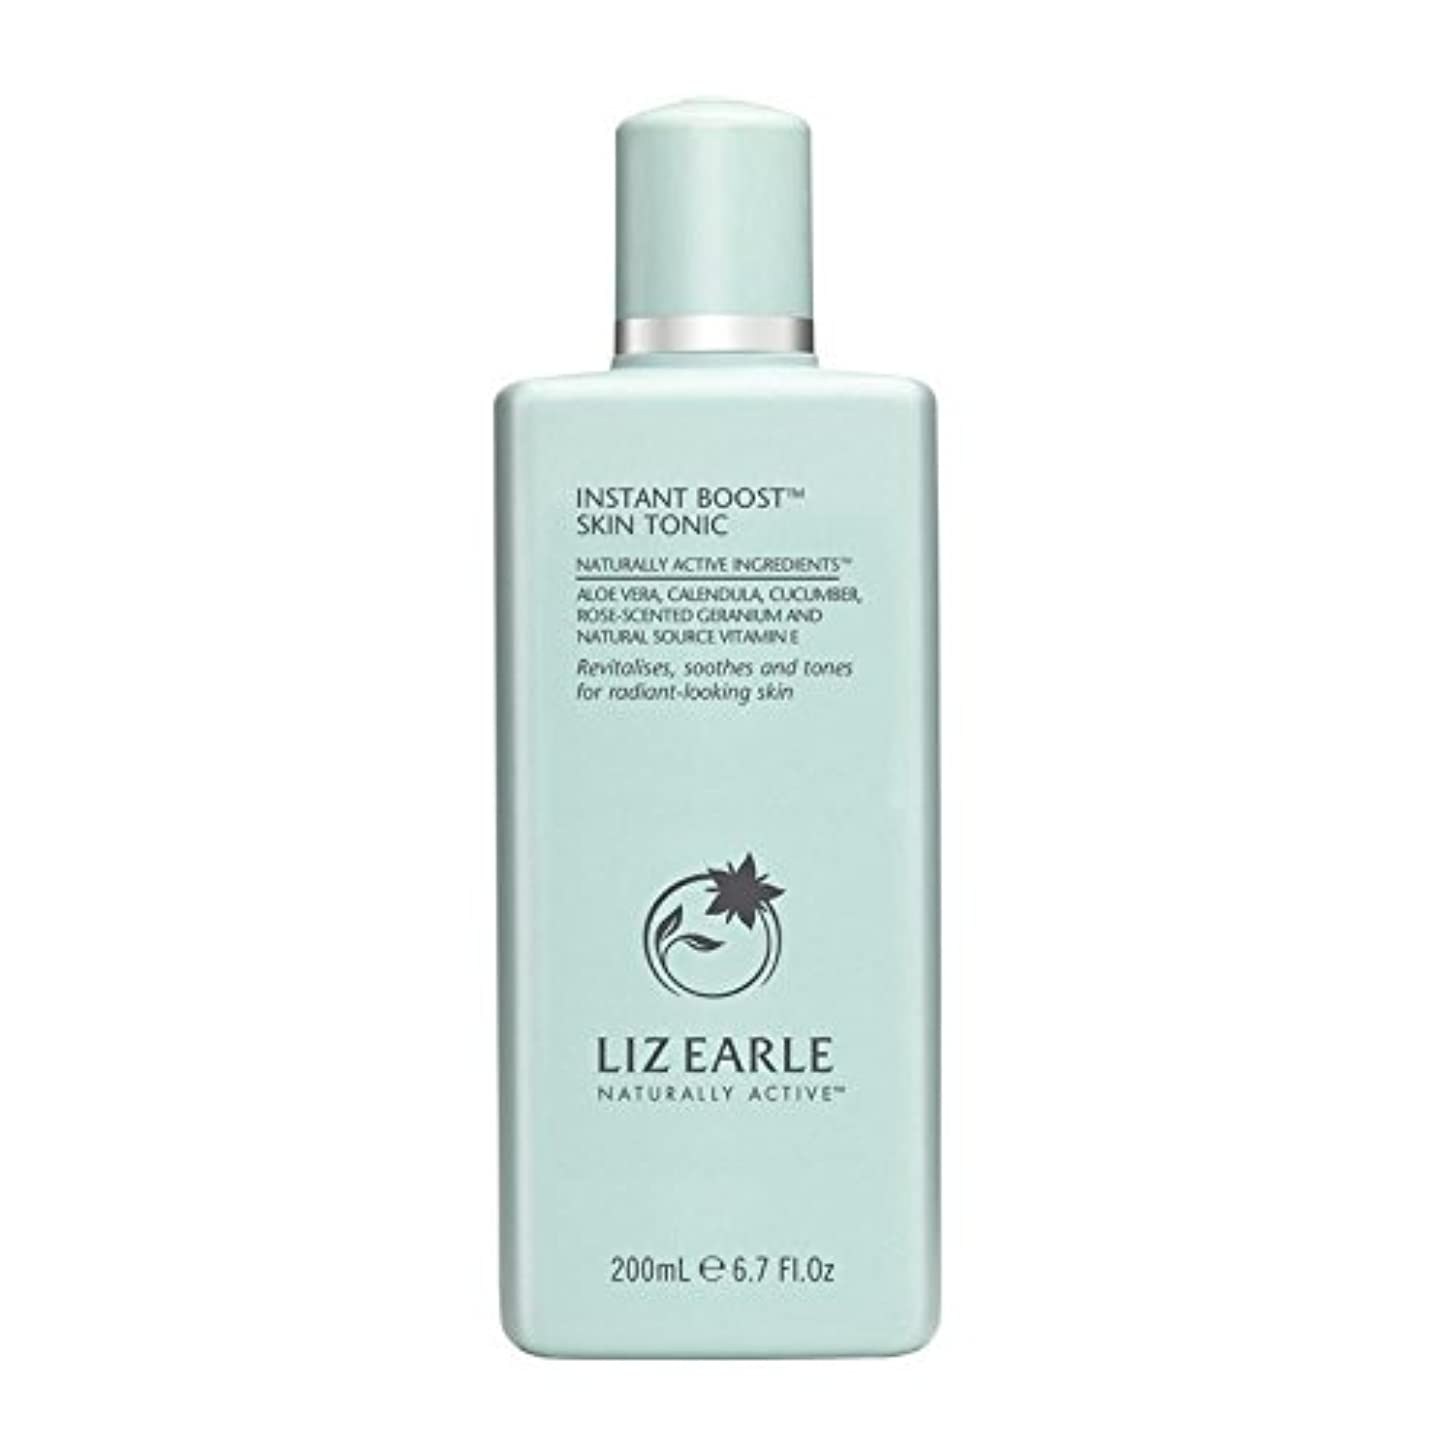 経済的告白溶接Liz Earle Instant Boost Skin Tonic Bottle 200ml (Pack of 6) - リズアールインスタントブーストスキントニックボトル200ミリリットル x6 [並行輸入品]